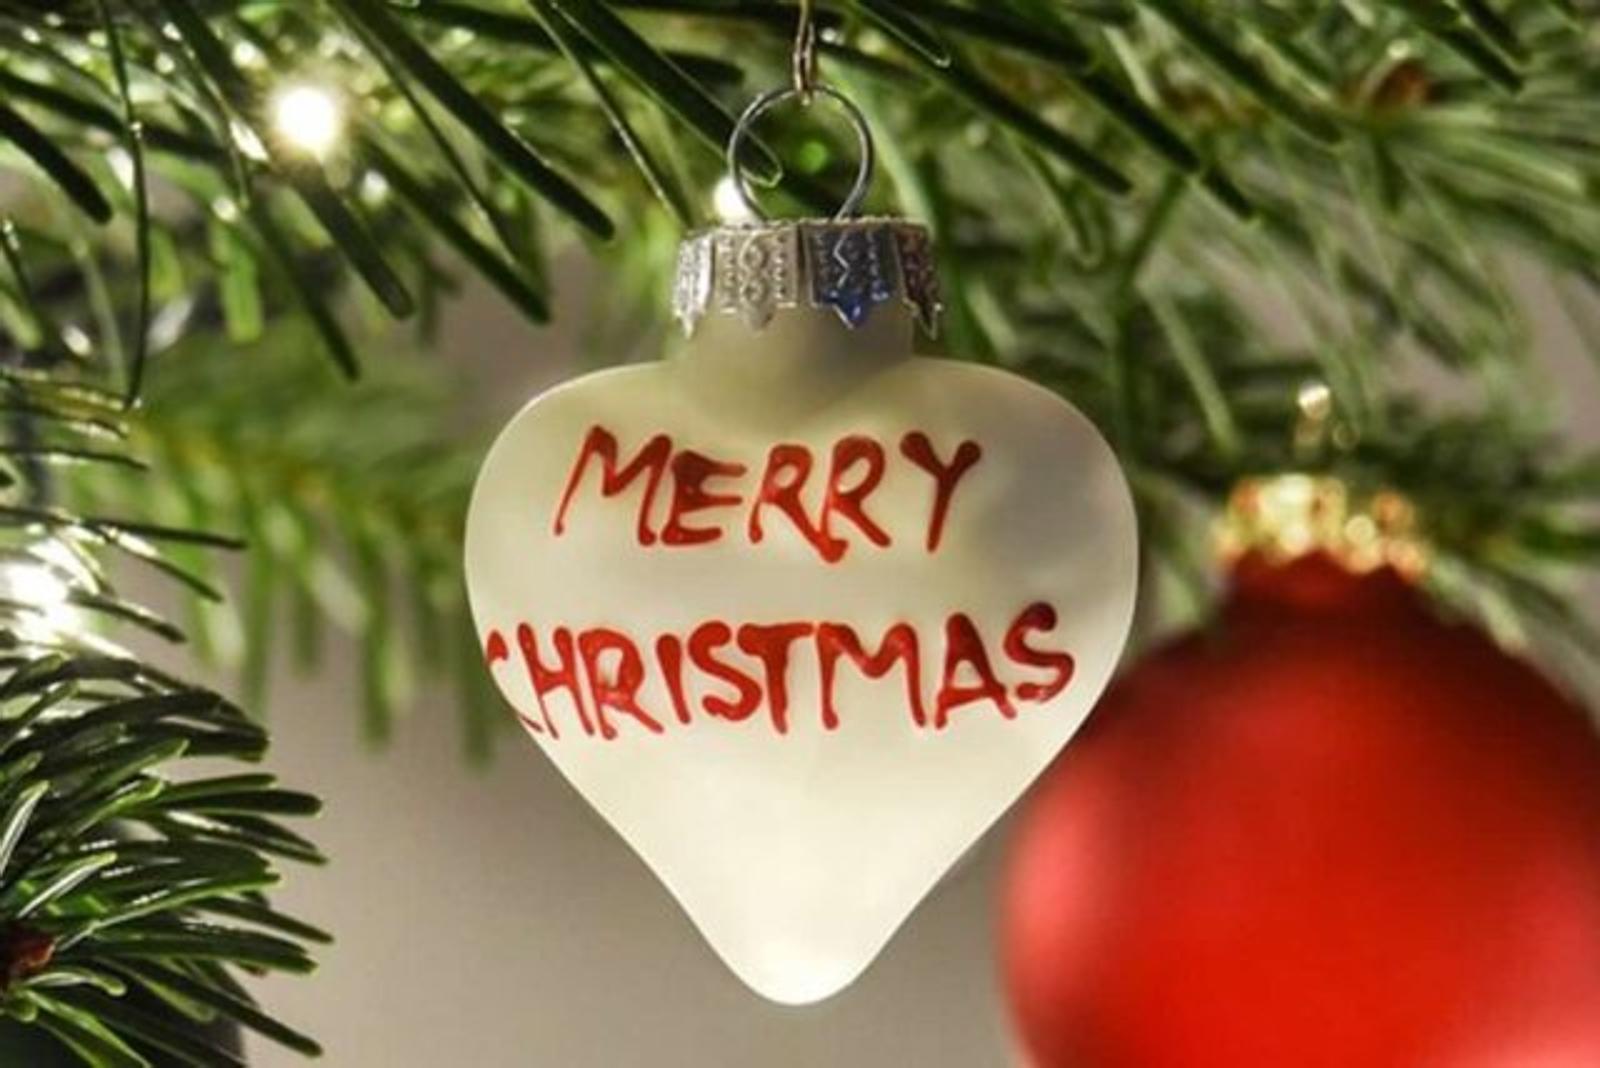 Auguri Di Buon Natale A Lei E Famiglia.Auguri Di Natale 2020 Anche Al Tempo Del Covid I Piu Particolari E Insoliti Per Stupire